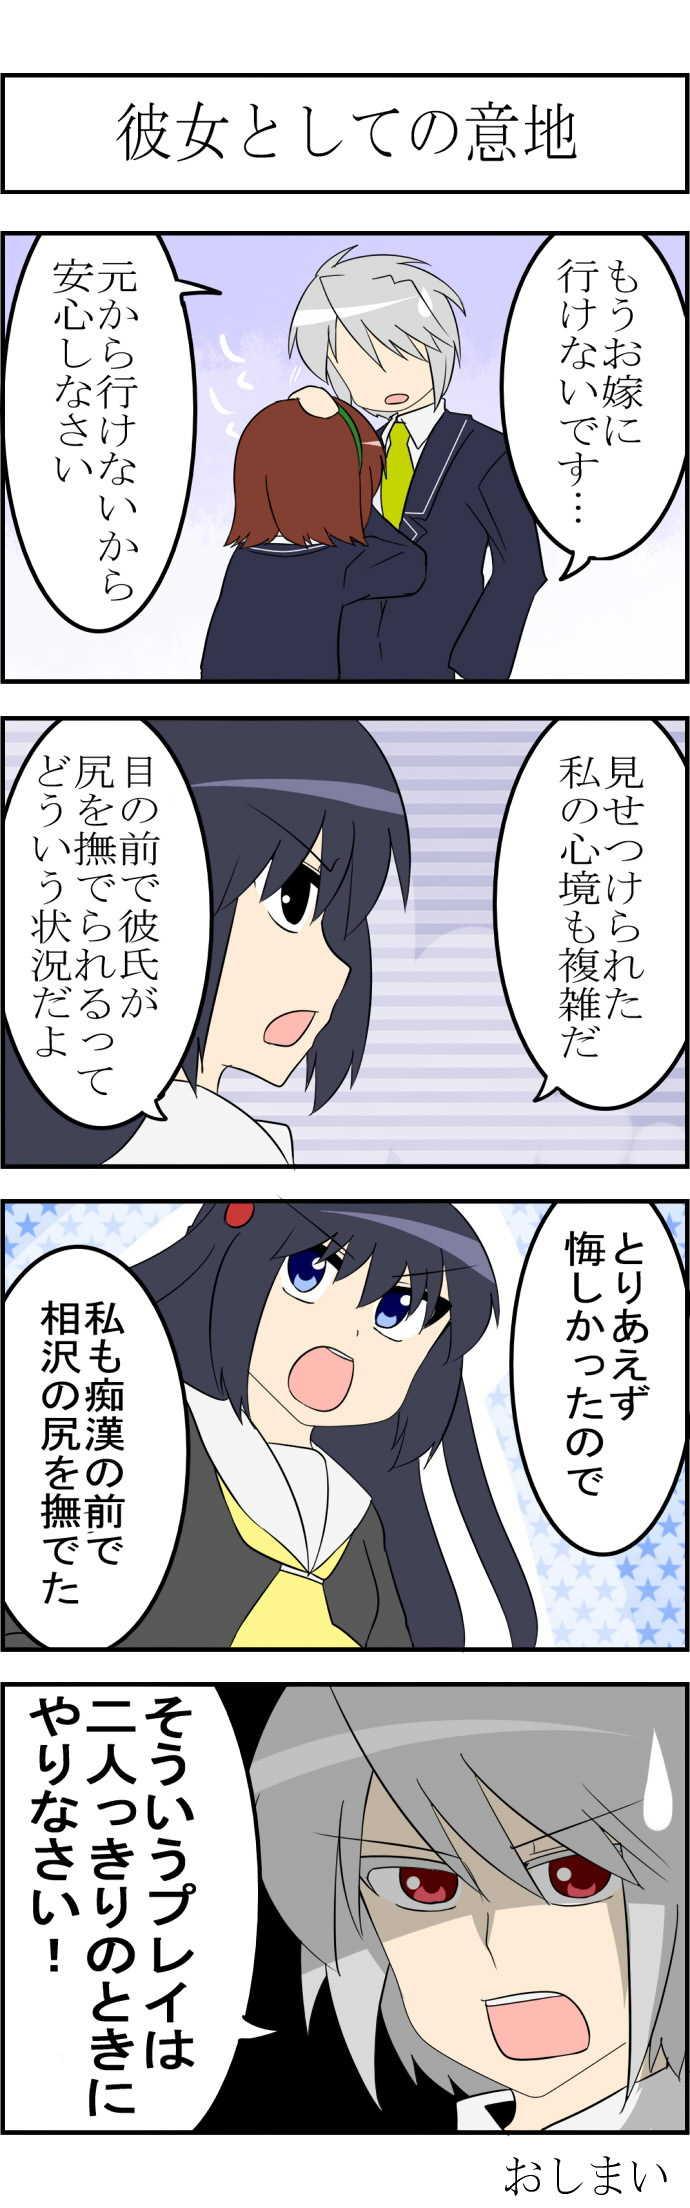 おまけ(最近悩んでることの話)